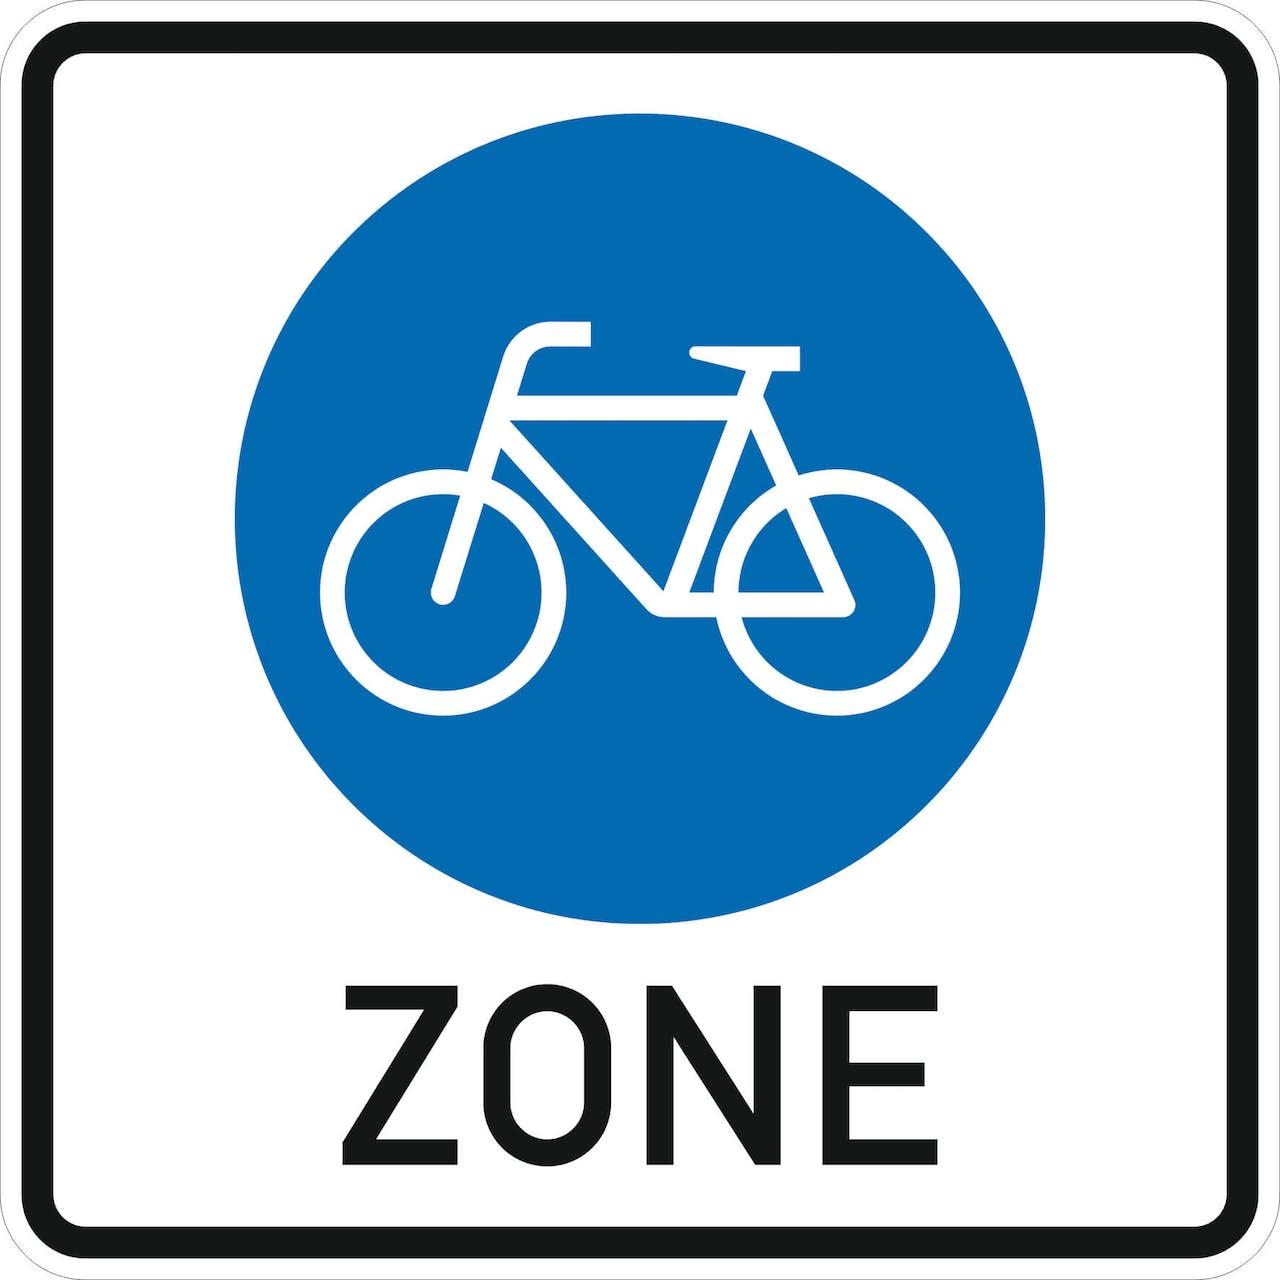 Neues Verkehrsschild Fahrradzone